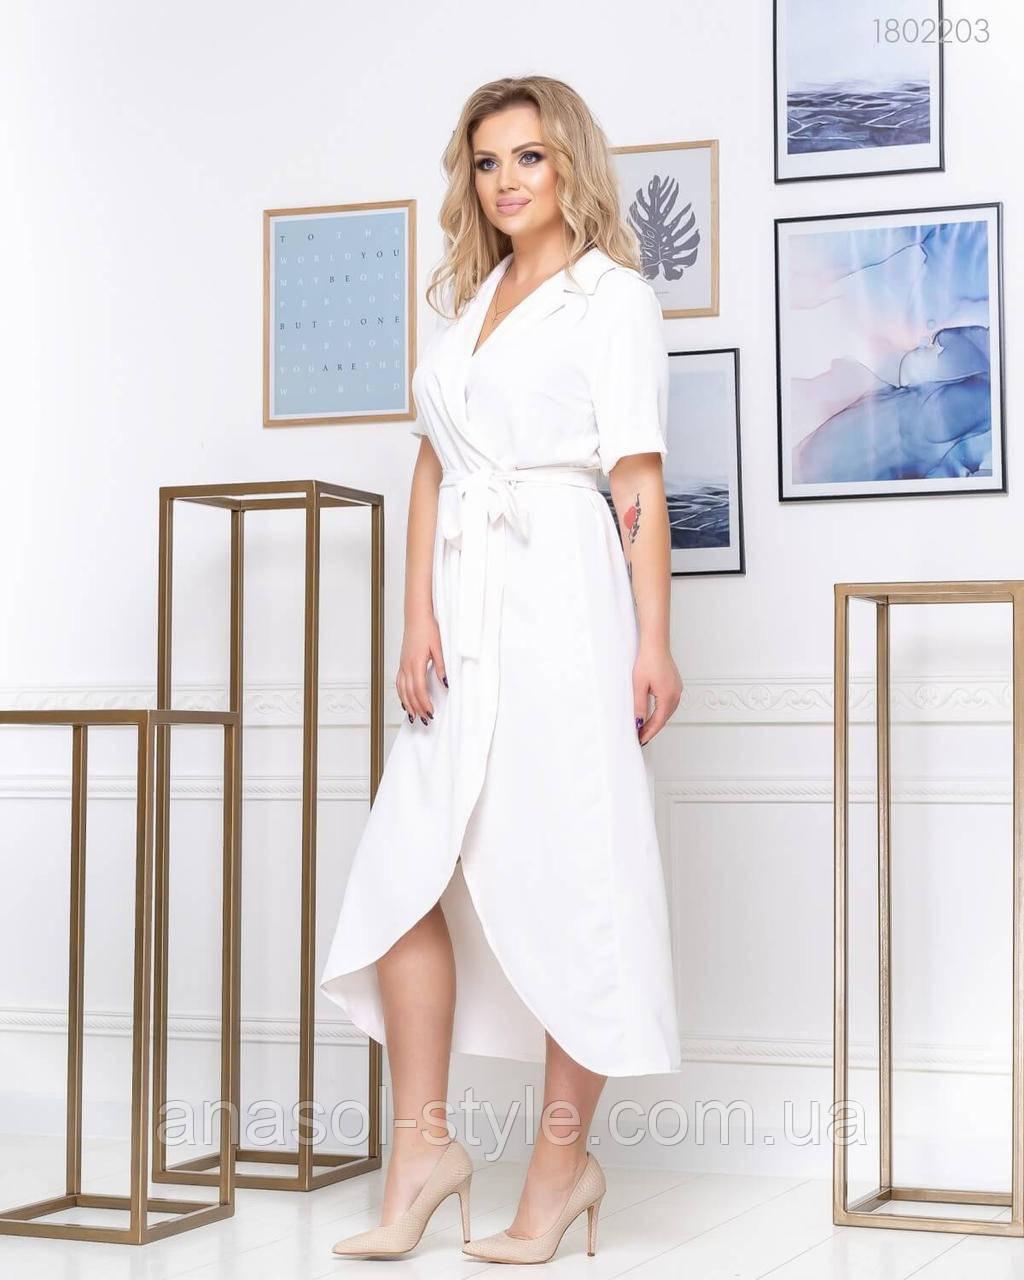 Модное платье Мельфа для женщин большого размера белое